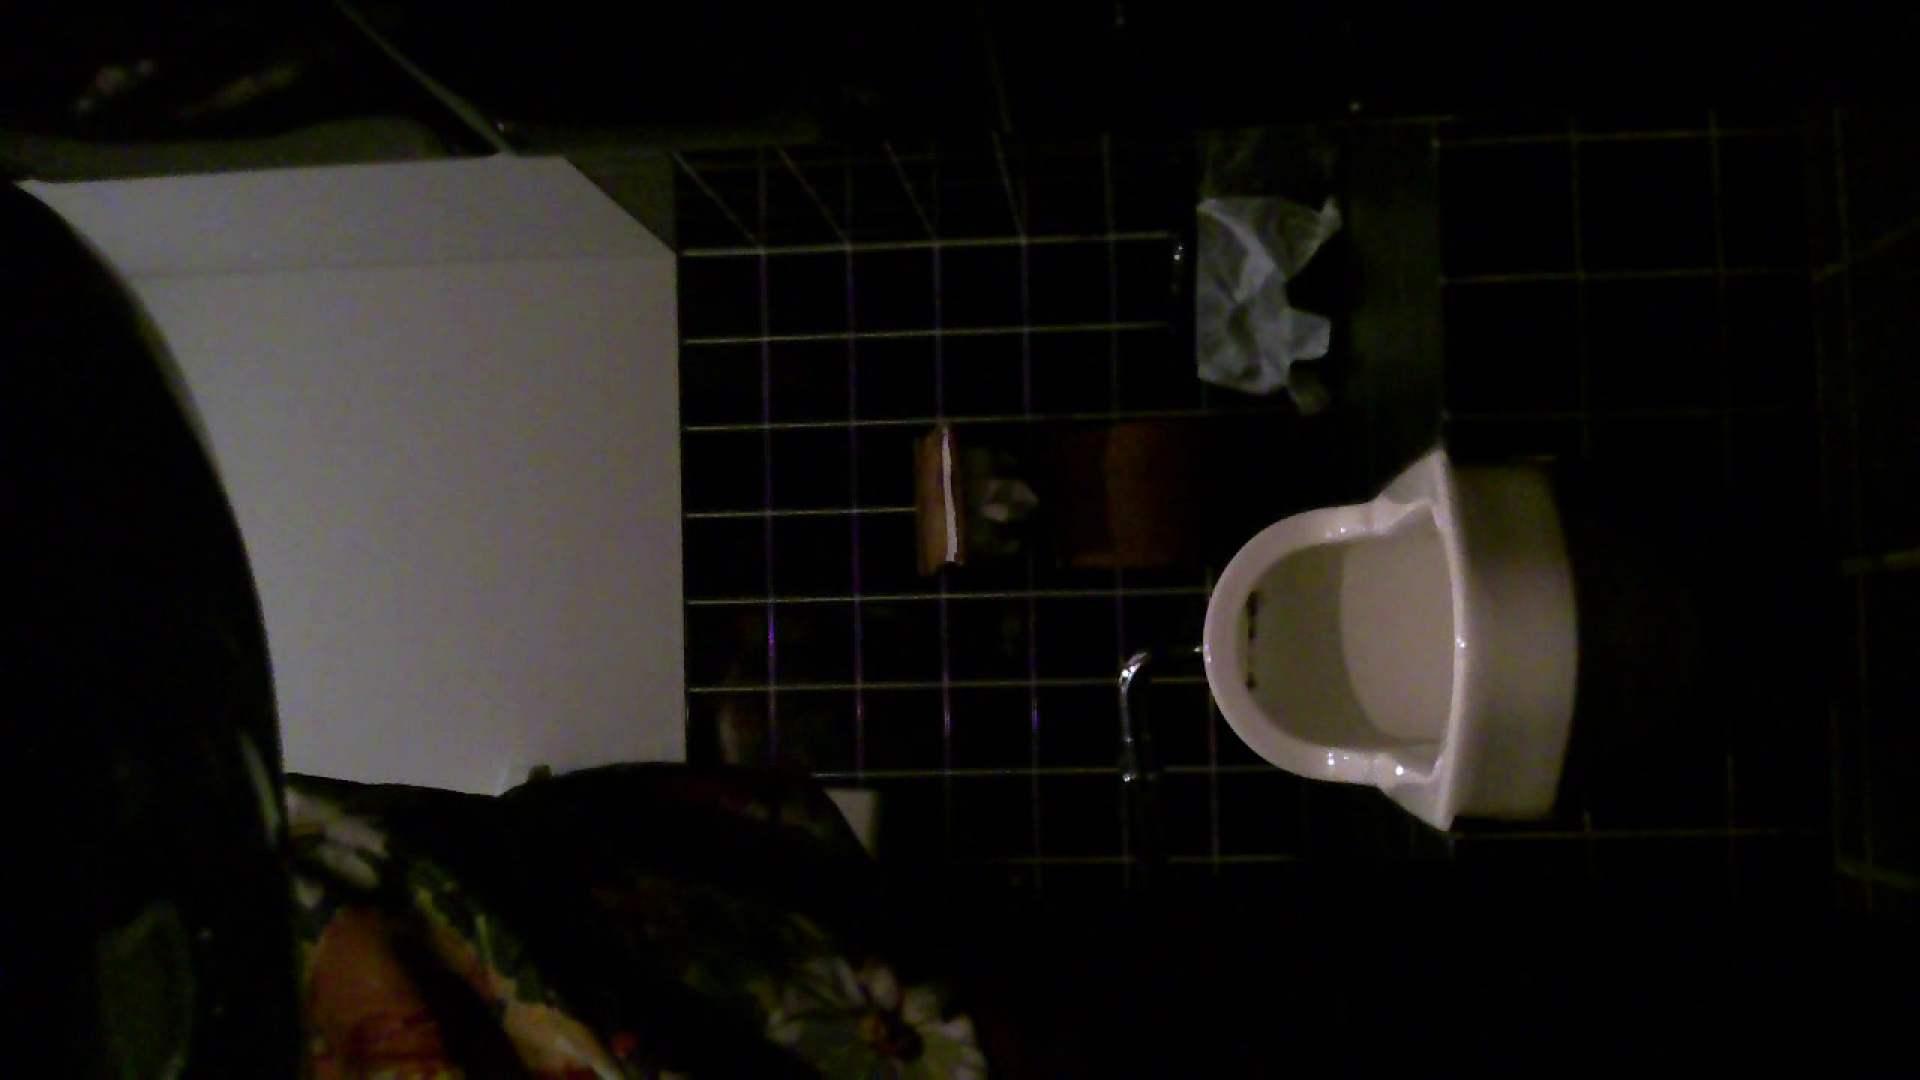 美女の集まる飲み屋洗面所 vol.04 洗面所 覗きオメコ動画キャプチャ 52PICs 6